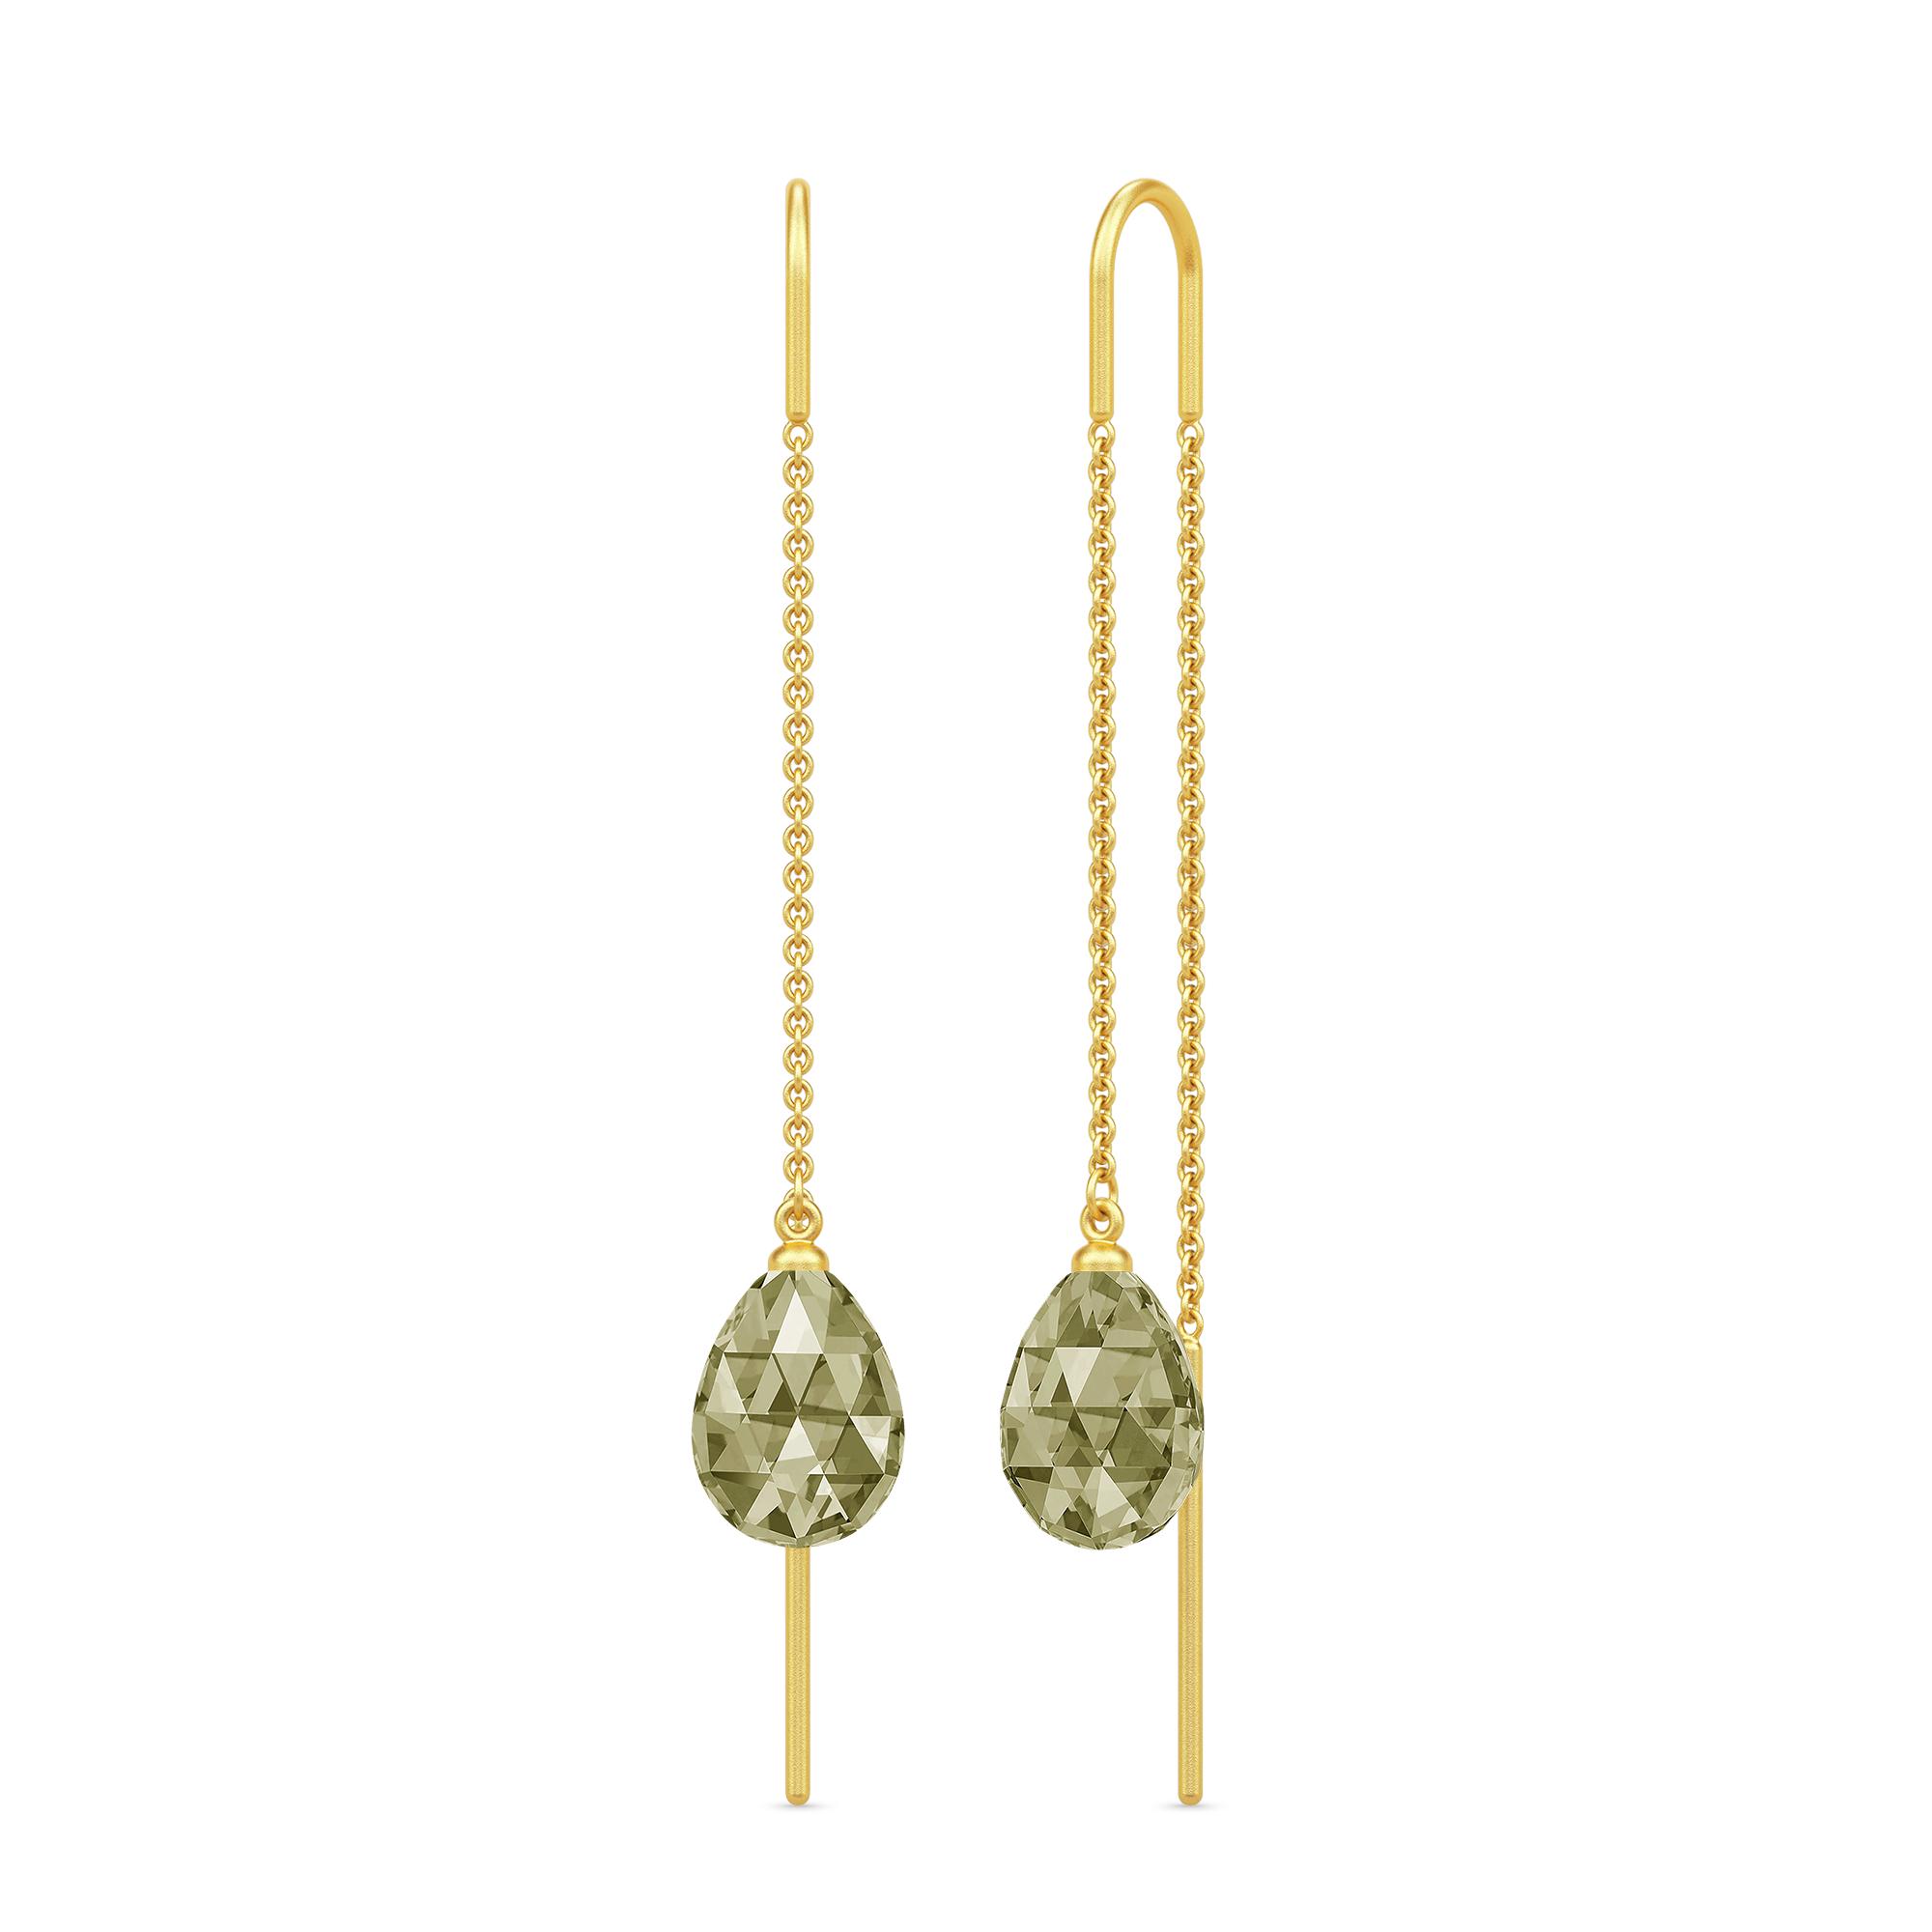 Julie Sandlau Eve øreringe, guld